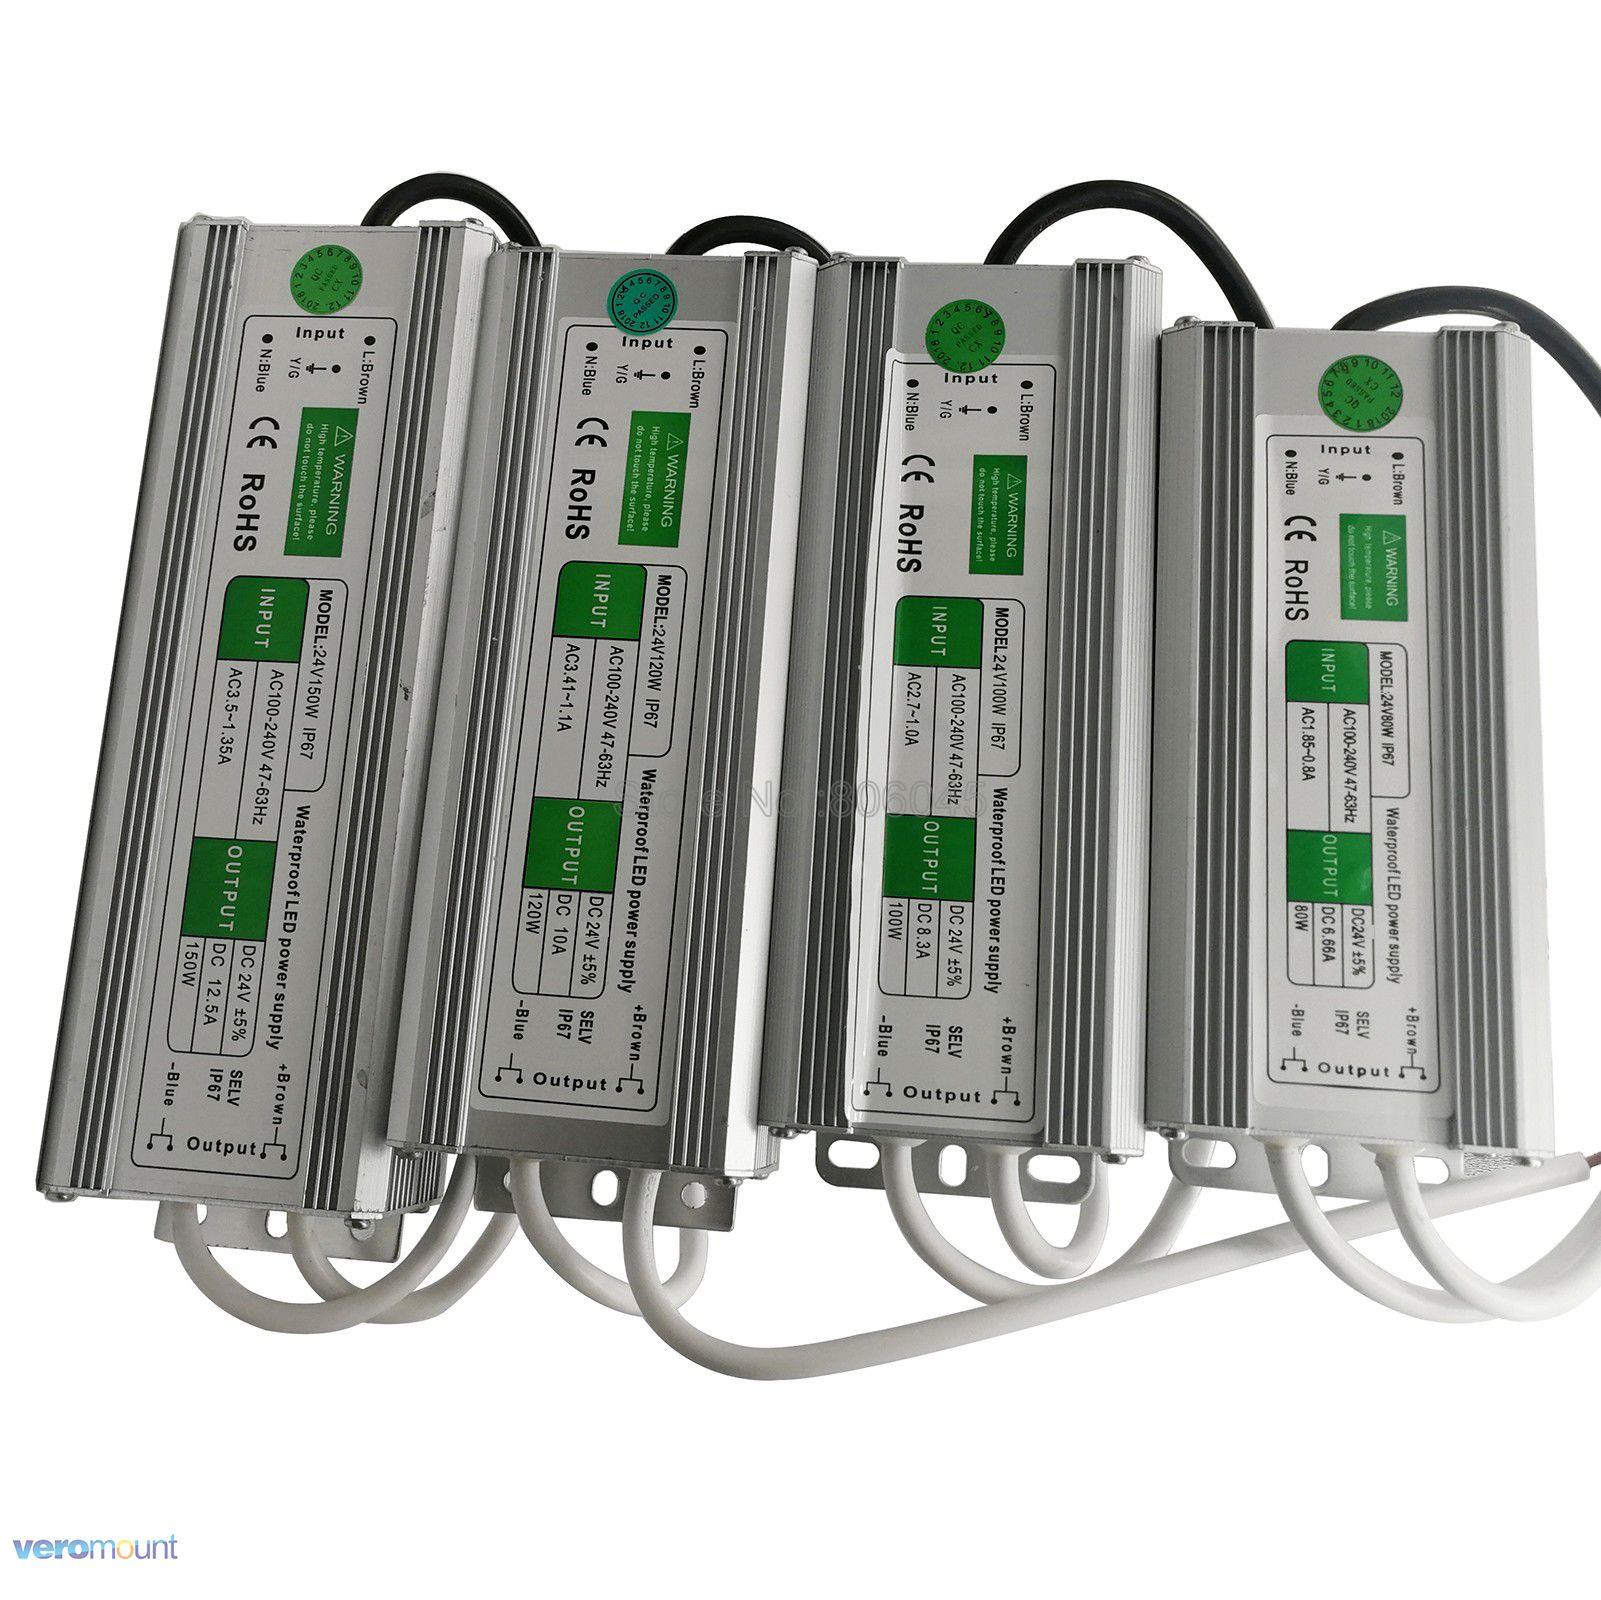 IP67 Waterproof LED Driver AC 110V /220V to DC24V Lighting Transformers Outdoor Power Supply 20W 30W 45W 50W 60W 80W 100W 150W